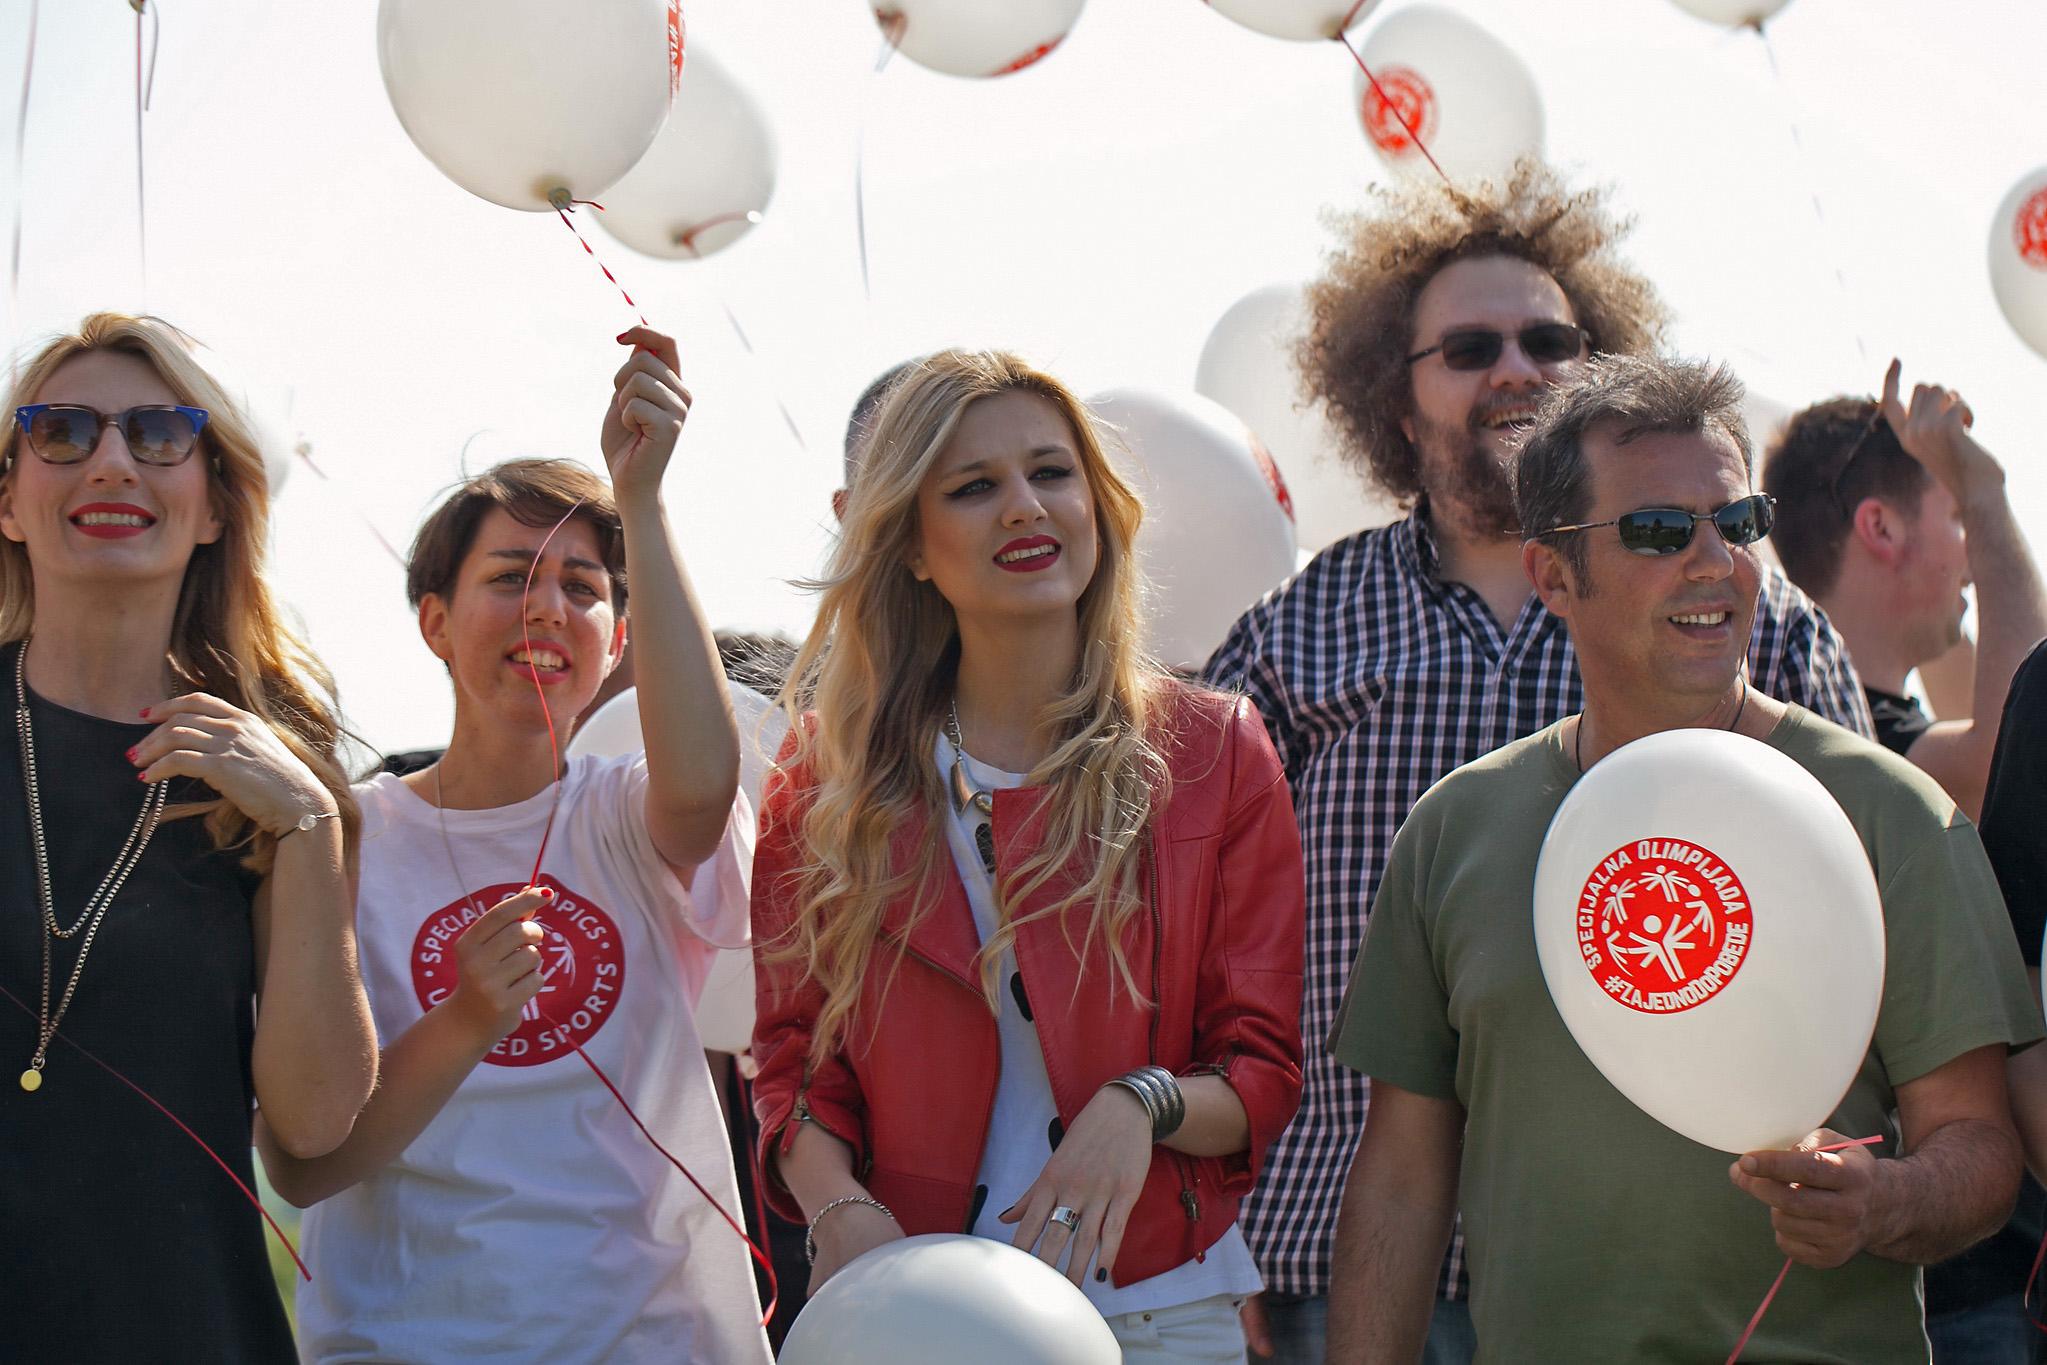 Ana Stanić Nevena Božović Marko Kon i Kiki Lesandrić sa sportistima Specijalne Olimpijade Srbije na snimanju spota za pesmu Mi smo pobedili u okviru kampanje Zajedno do pobede Pokrenuta kampanja Zajedno do pobede sa timom Specijalne Olimpijade Srbije!